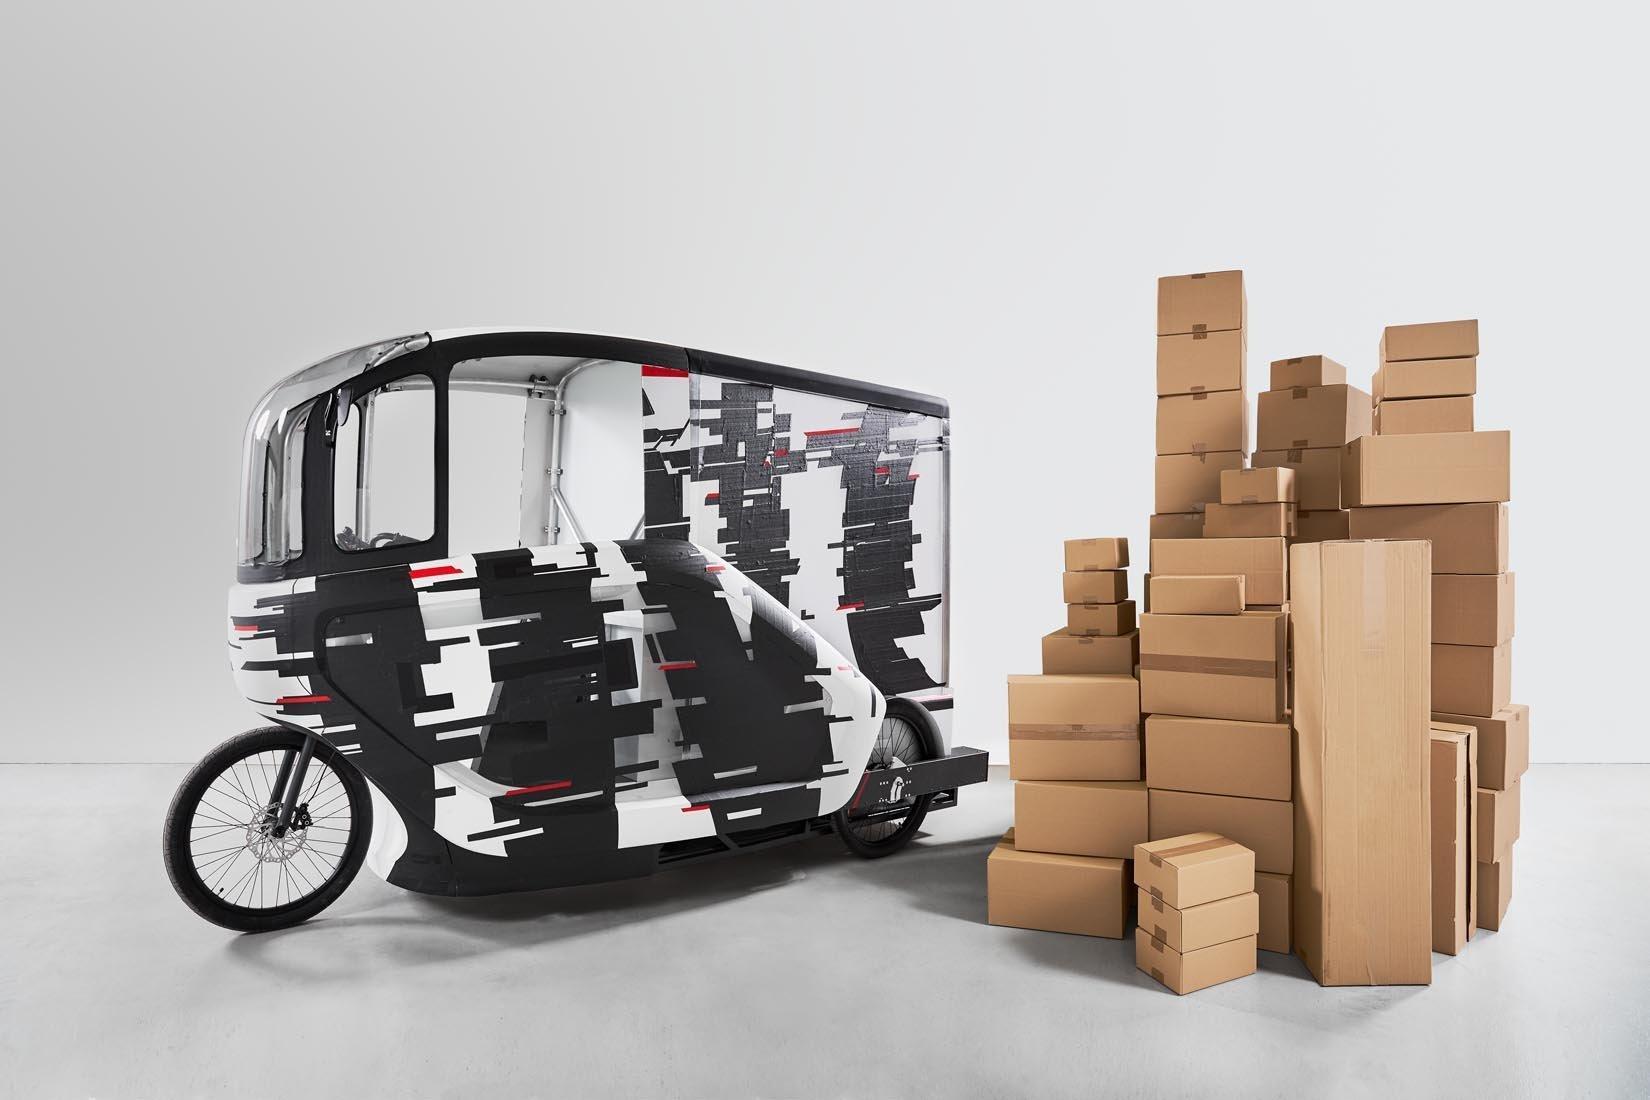 Neben dem schwarz-weiß-farbenem Lastenrad steht ein noch höherer Berg aus Paketen, die das Cargobike fassen kann.